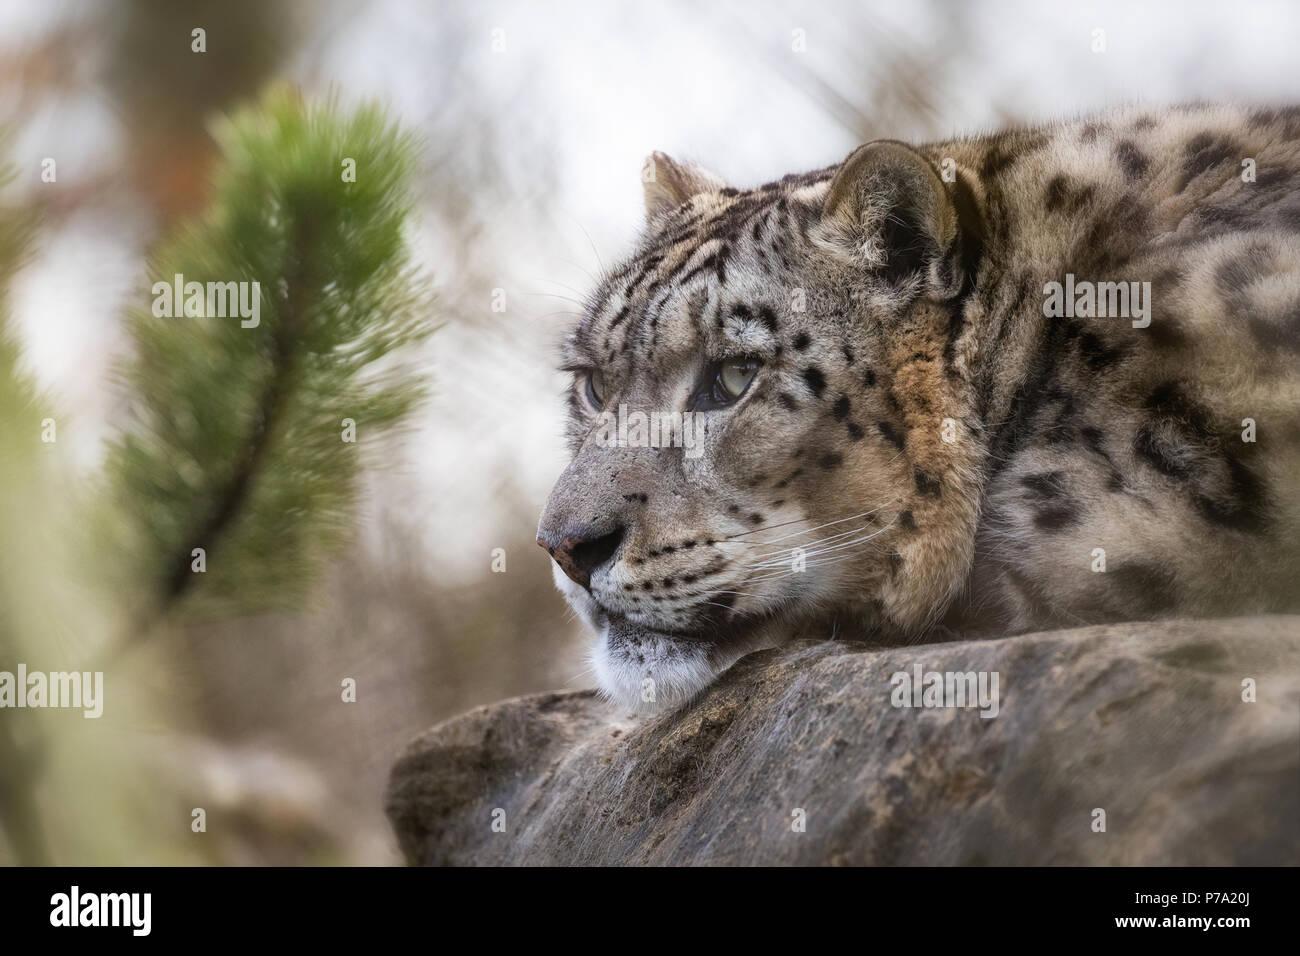 Ein erwachsener snow leopard ruht in der das Unterholz, sondern hält ein wachsames Auge auf ihre Umgebung. Stockbild